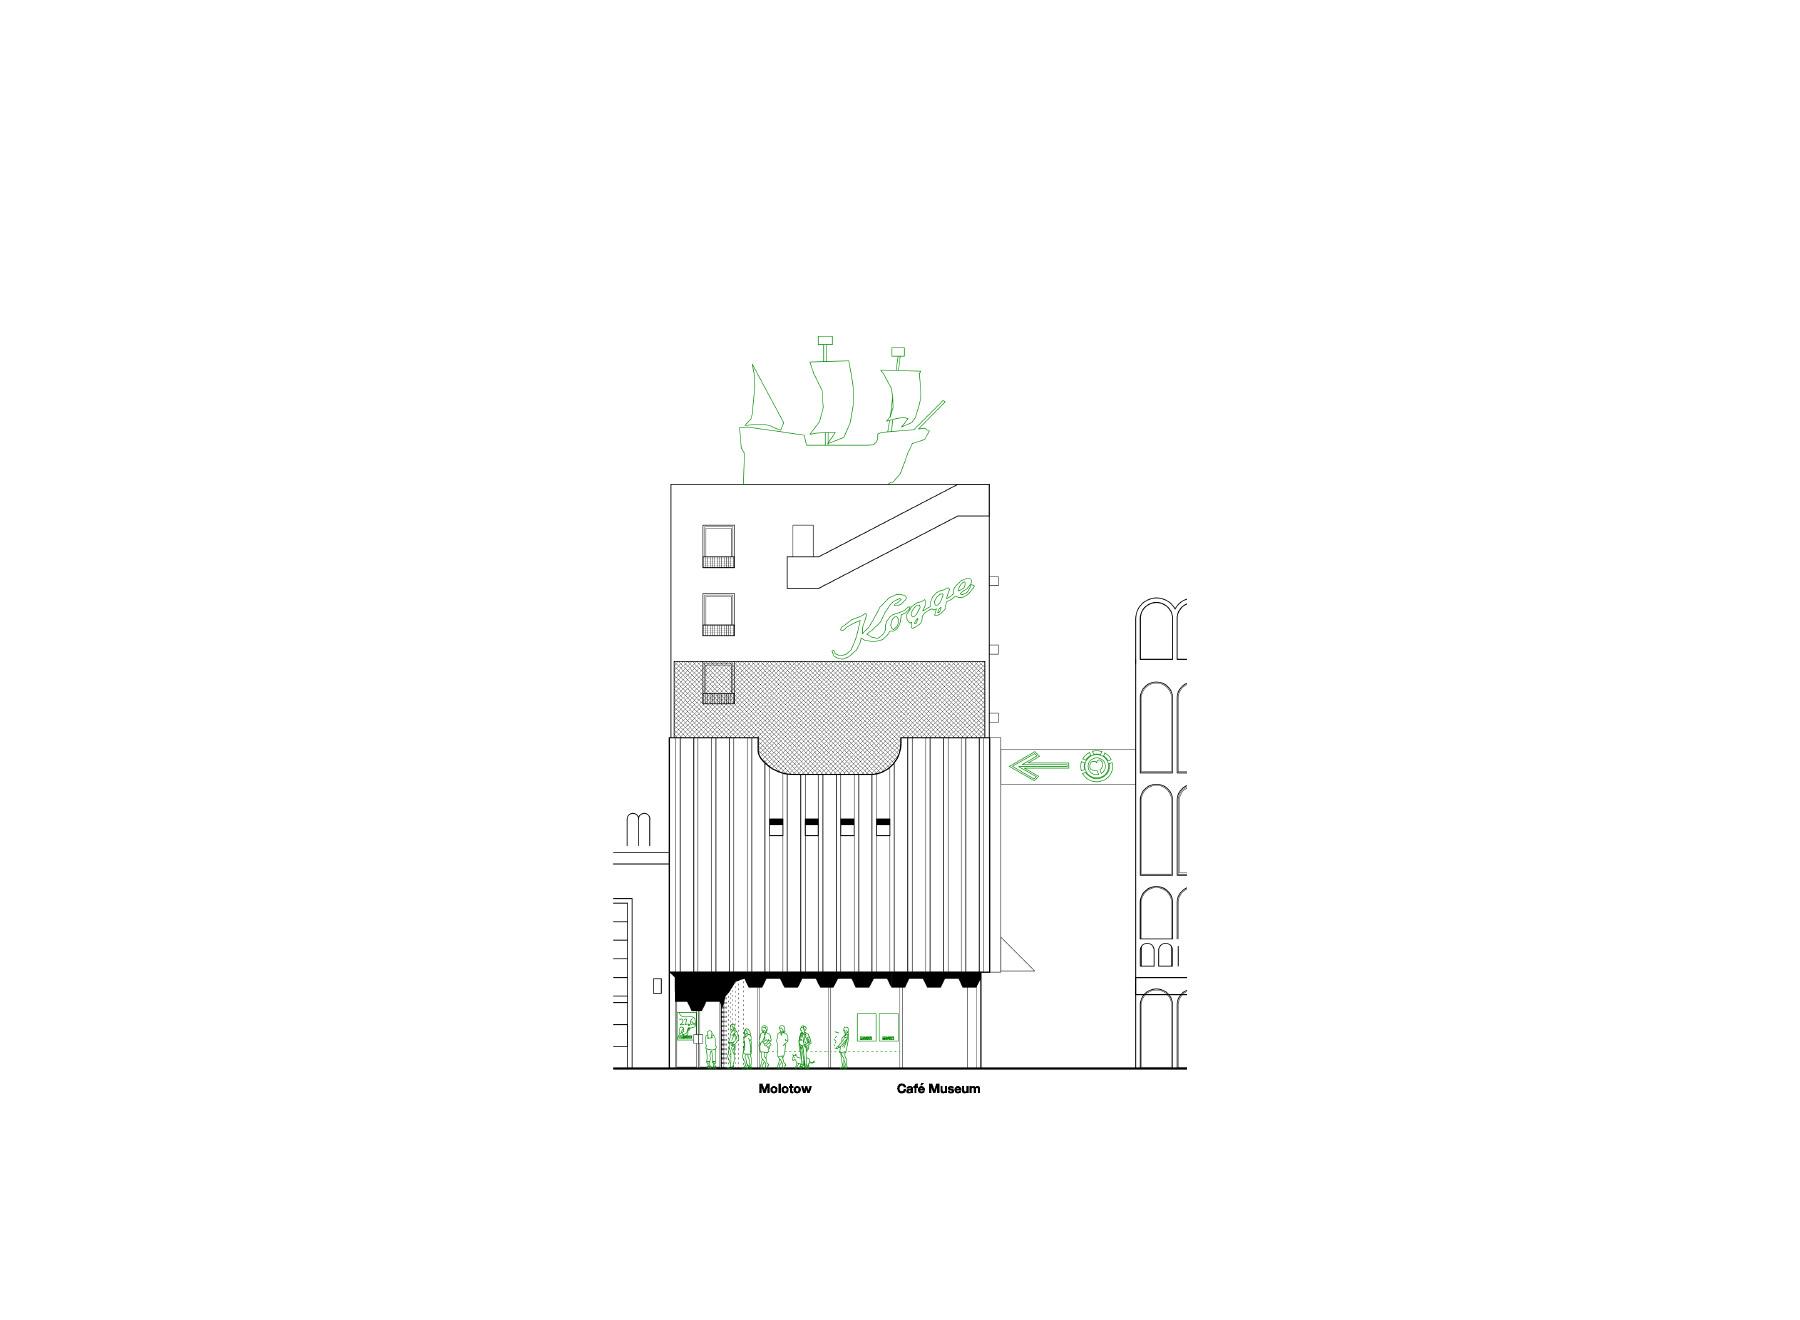 Spielbudenplatz elevation